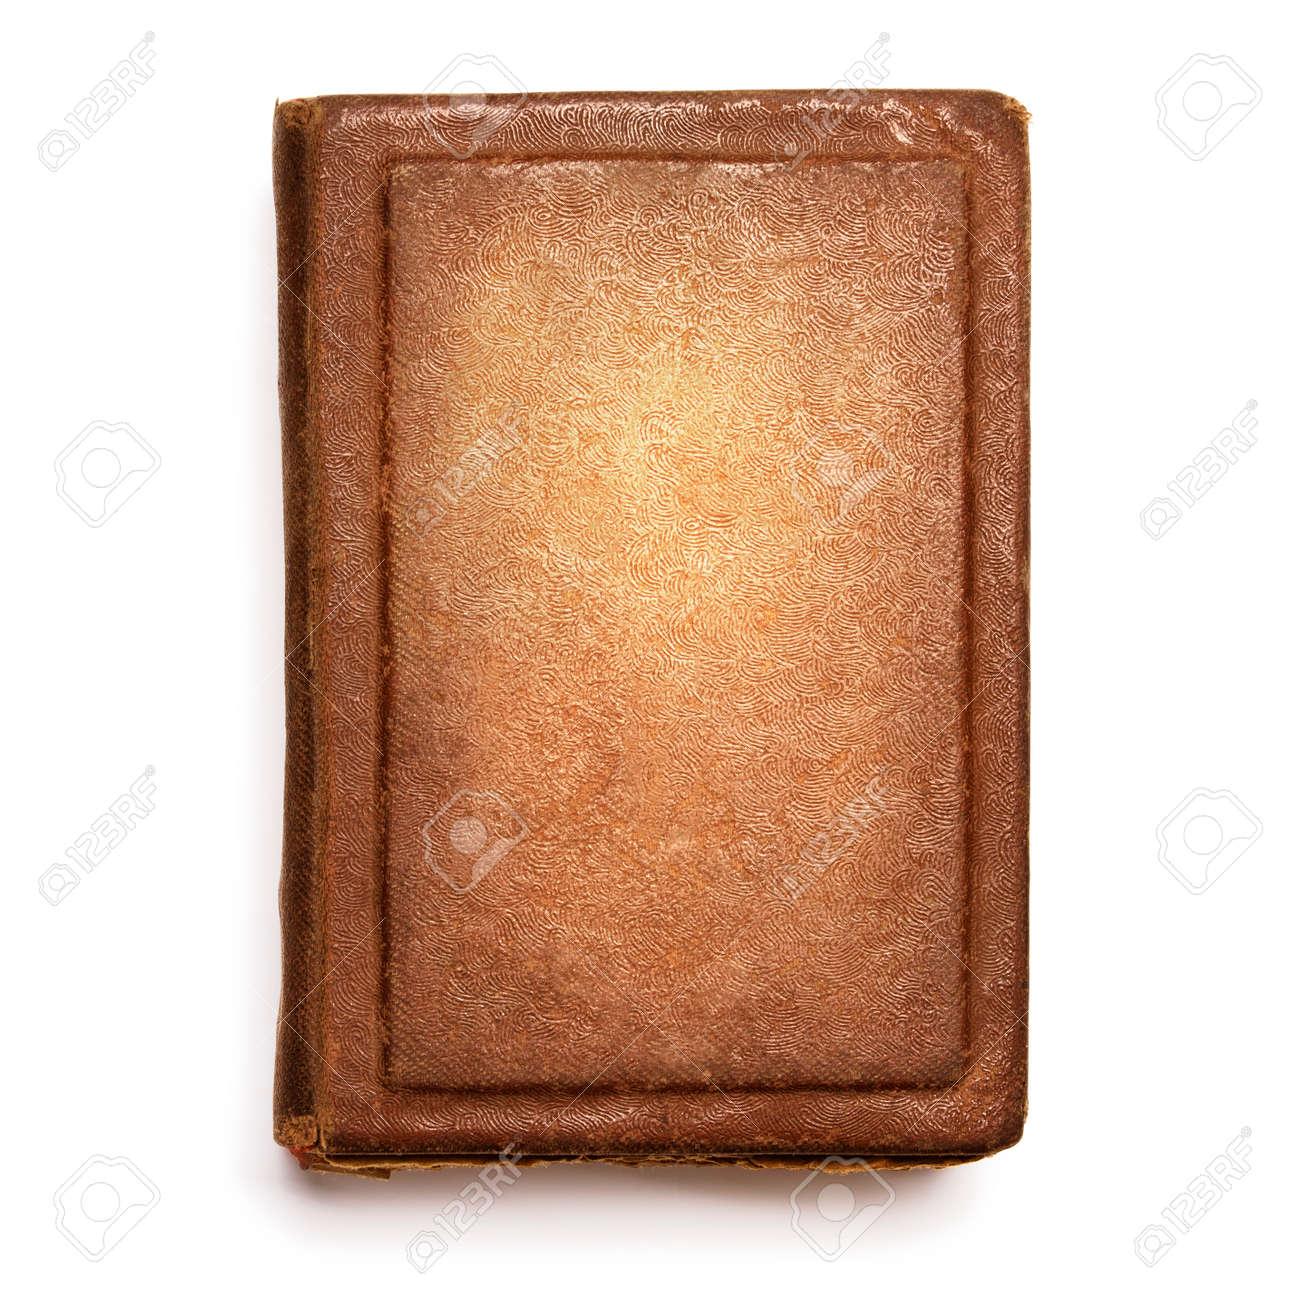 Couverture De Livre Old Books Texture En Cuir Housses Avant Isole Sur Blanc